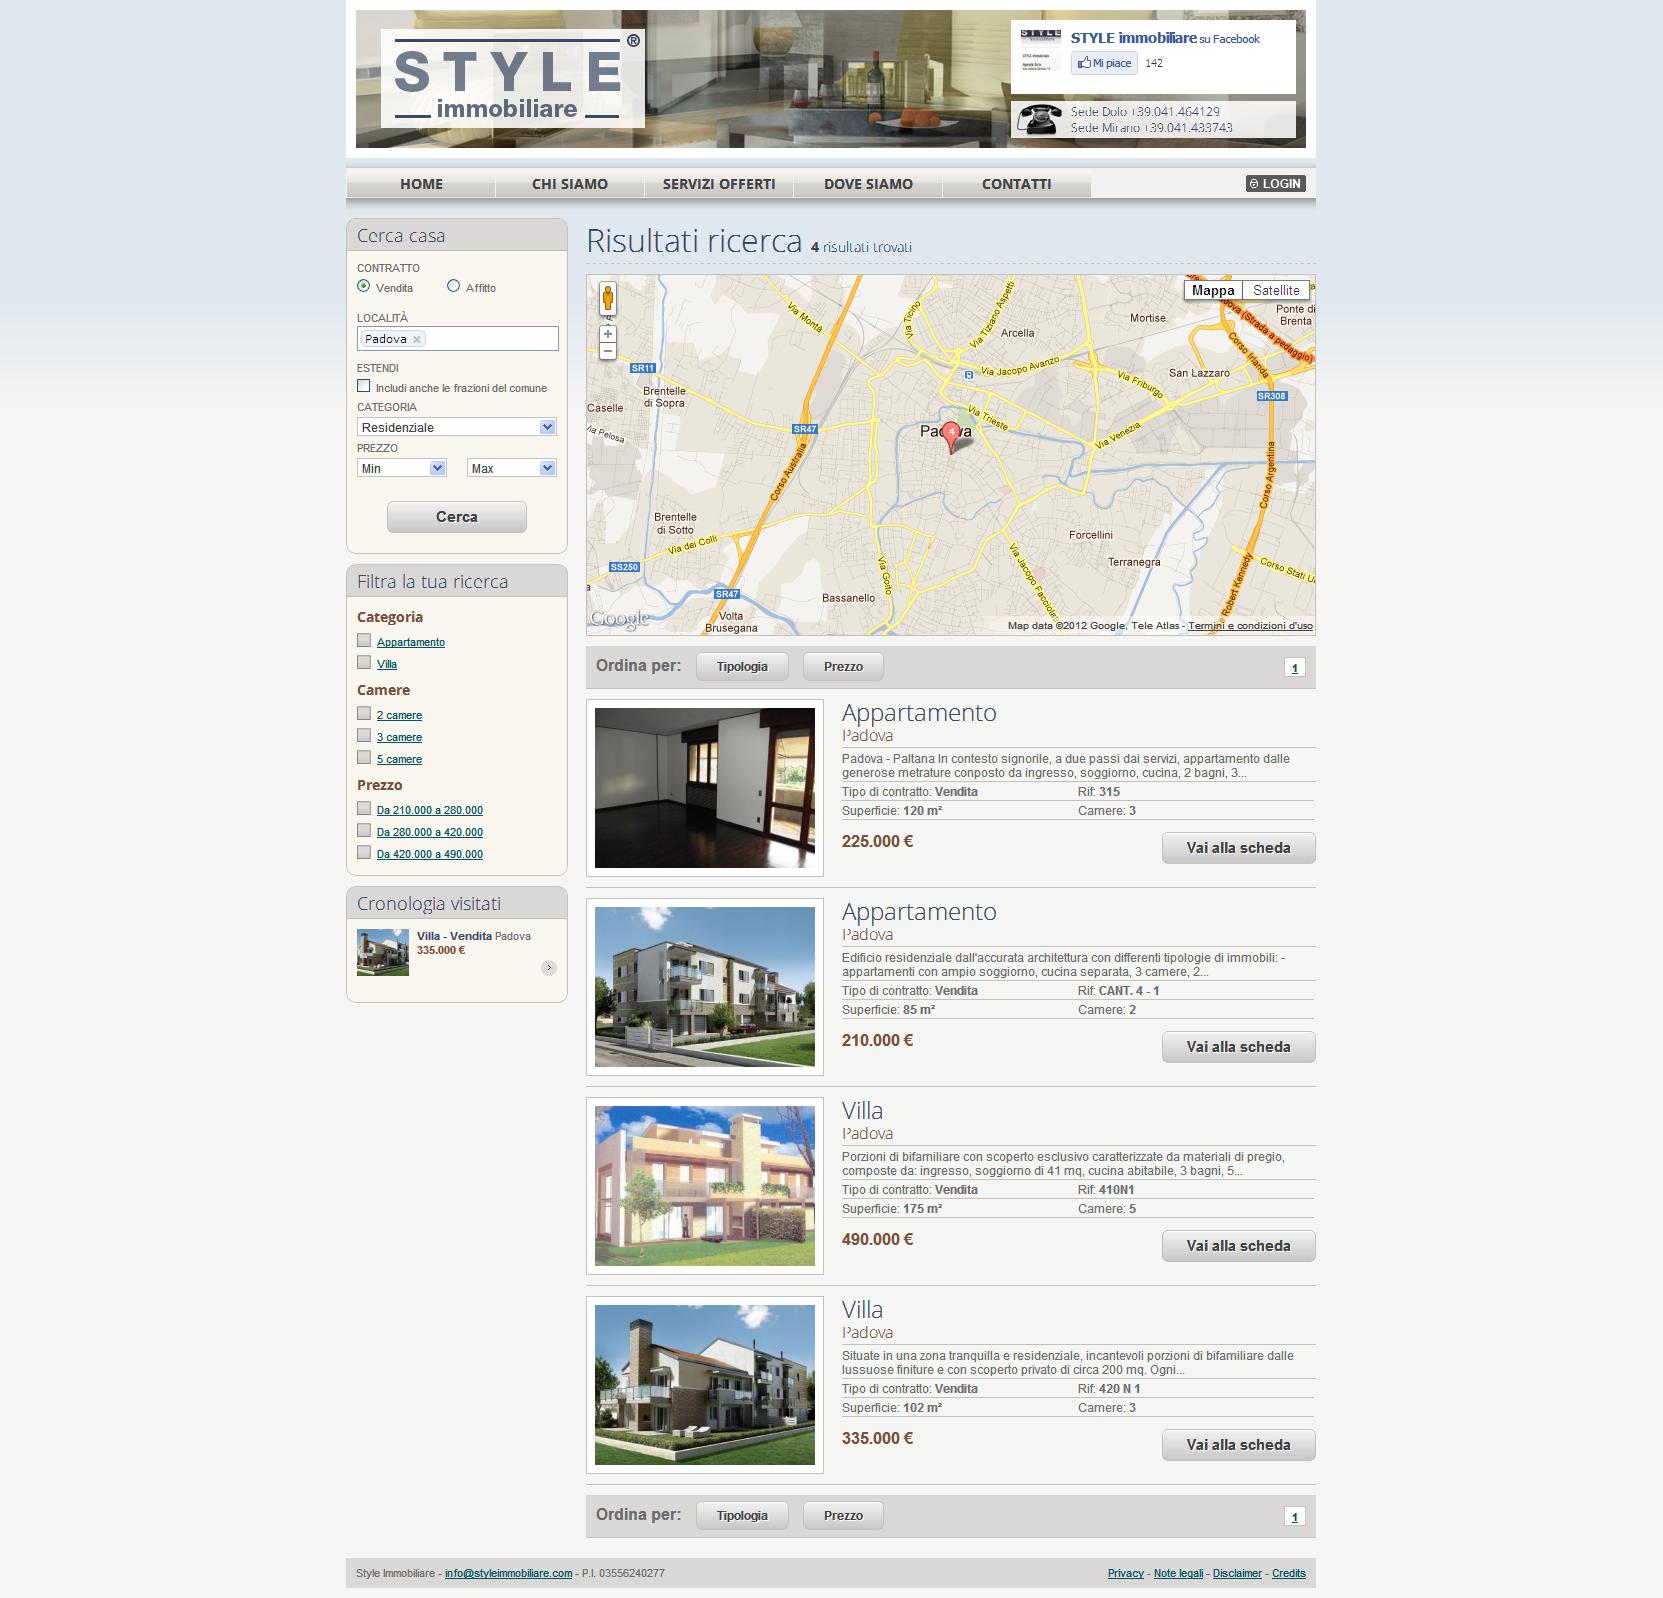 L Occhio Immobiliare Padova on line l'agenzia style immobiliare – mercurio sistemi